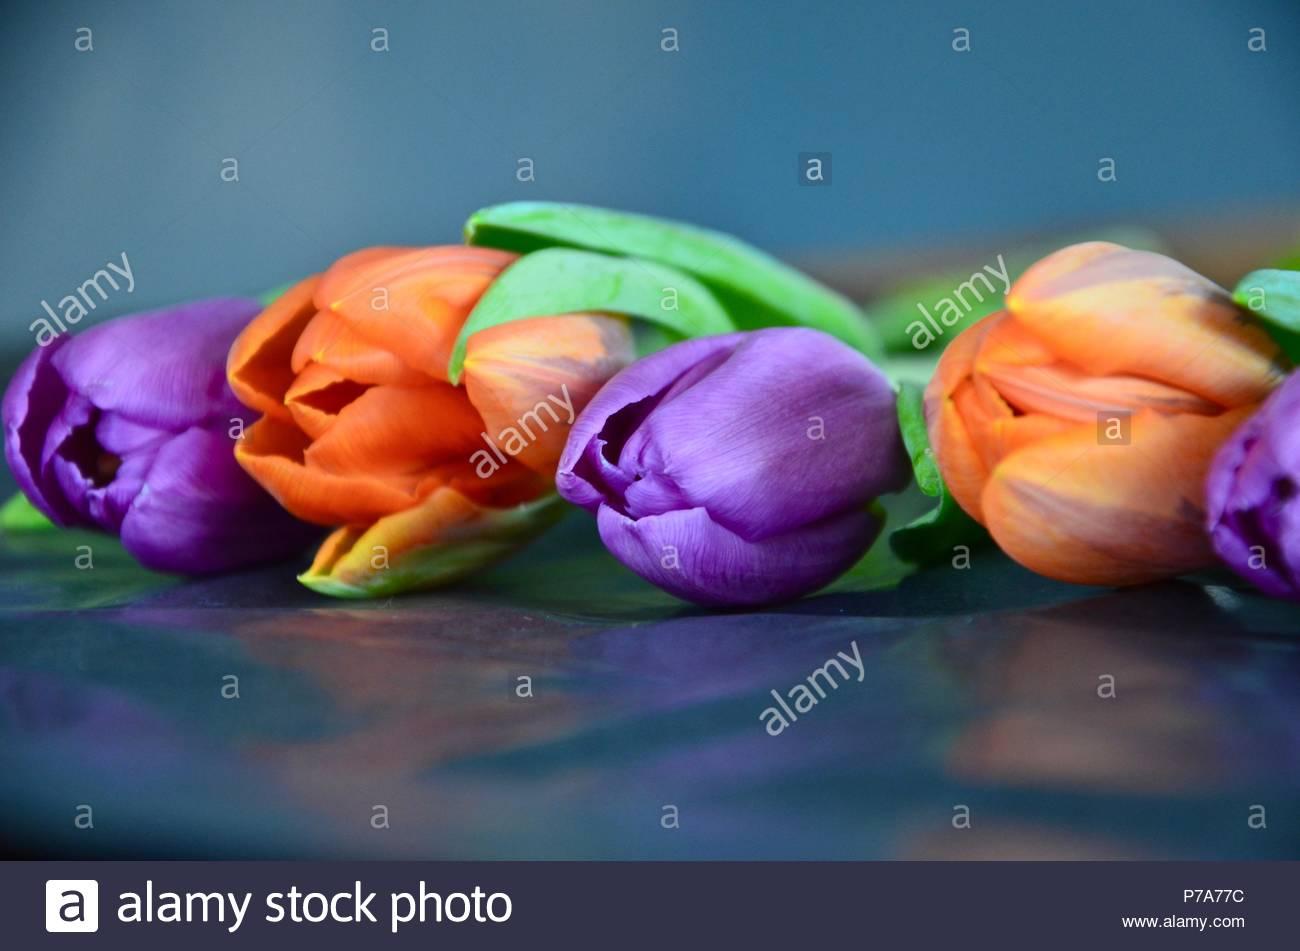 Decorazioni Matrimonio Arancione : I tulipani arancione e viola tulipani colorati decorazioni di